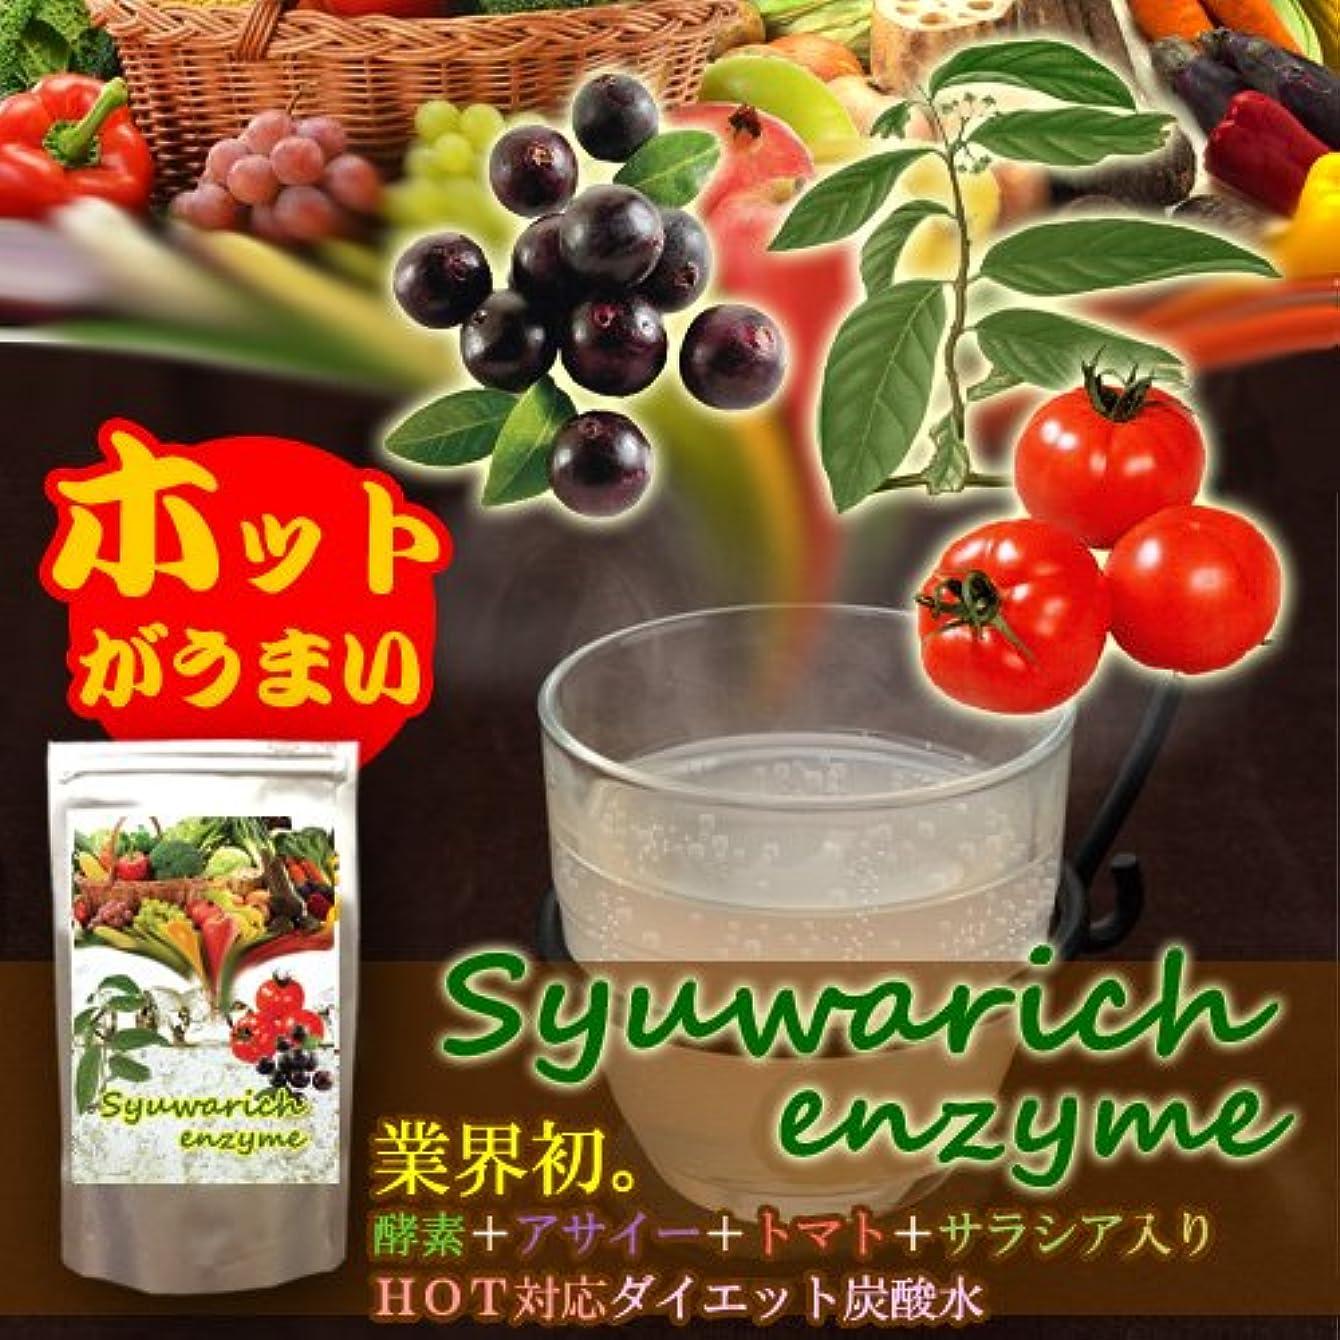 本物モールアークシュワリッチ エンザイム 2個セット(酵素+アサイー+トマト+サラシア+フォルスコリ配合 ホット対応ダイエット炭酸水)